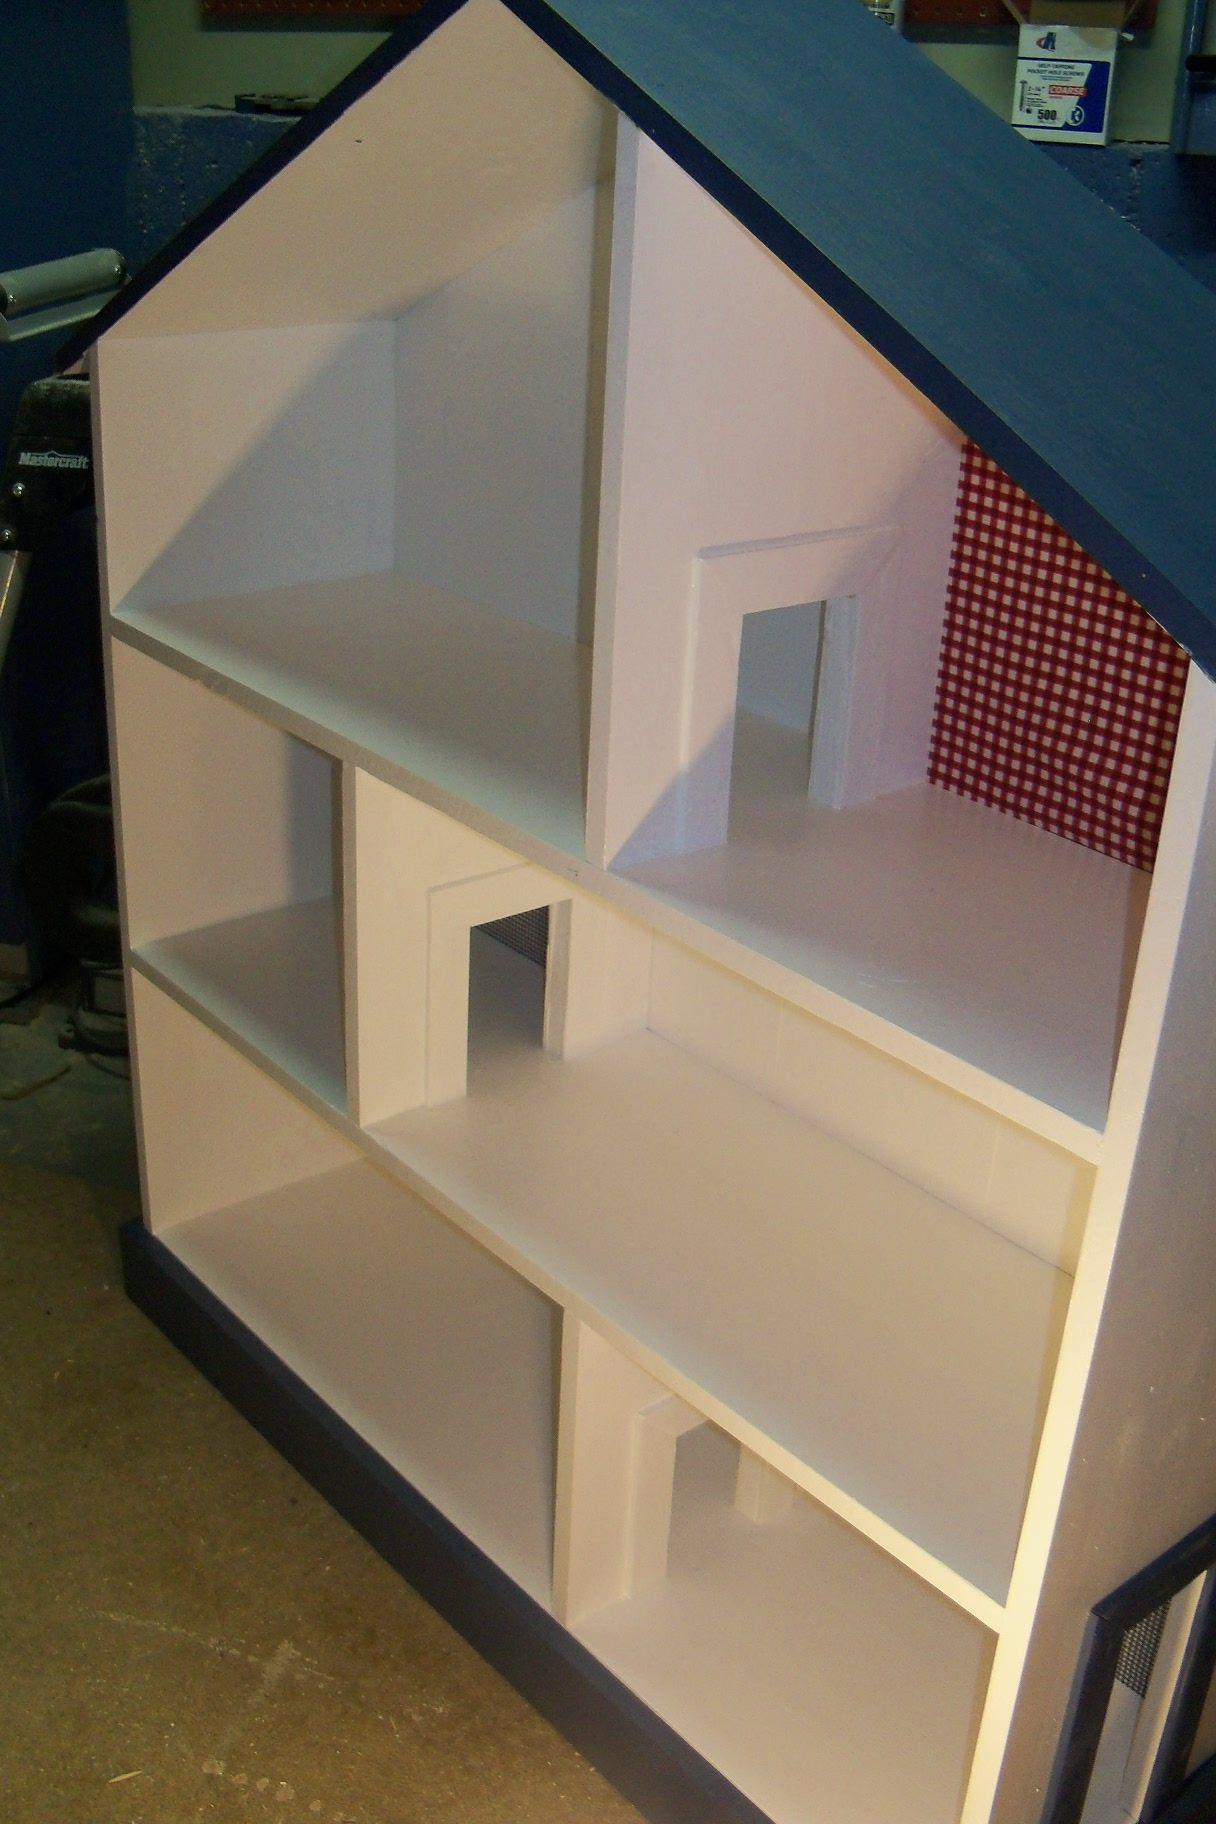 Doll house book shelf do it yourself home projects from ana white doll house book shelf diy projects solutioingenieria Images